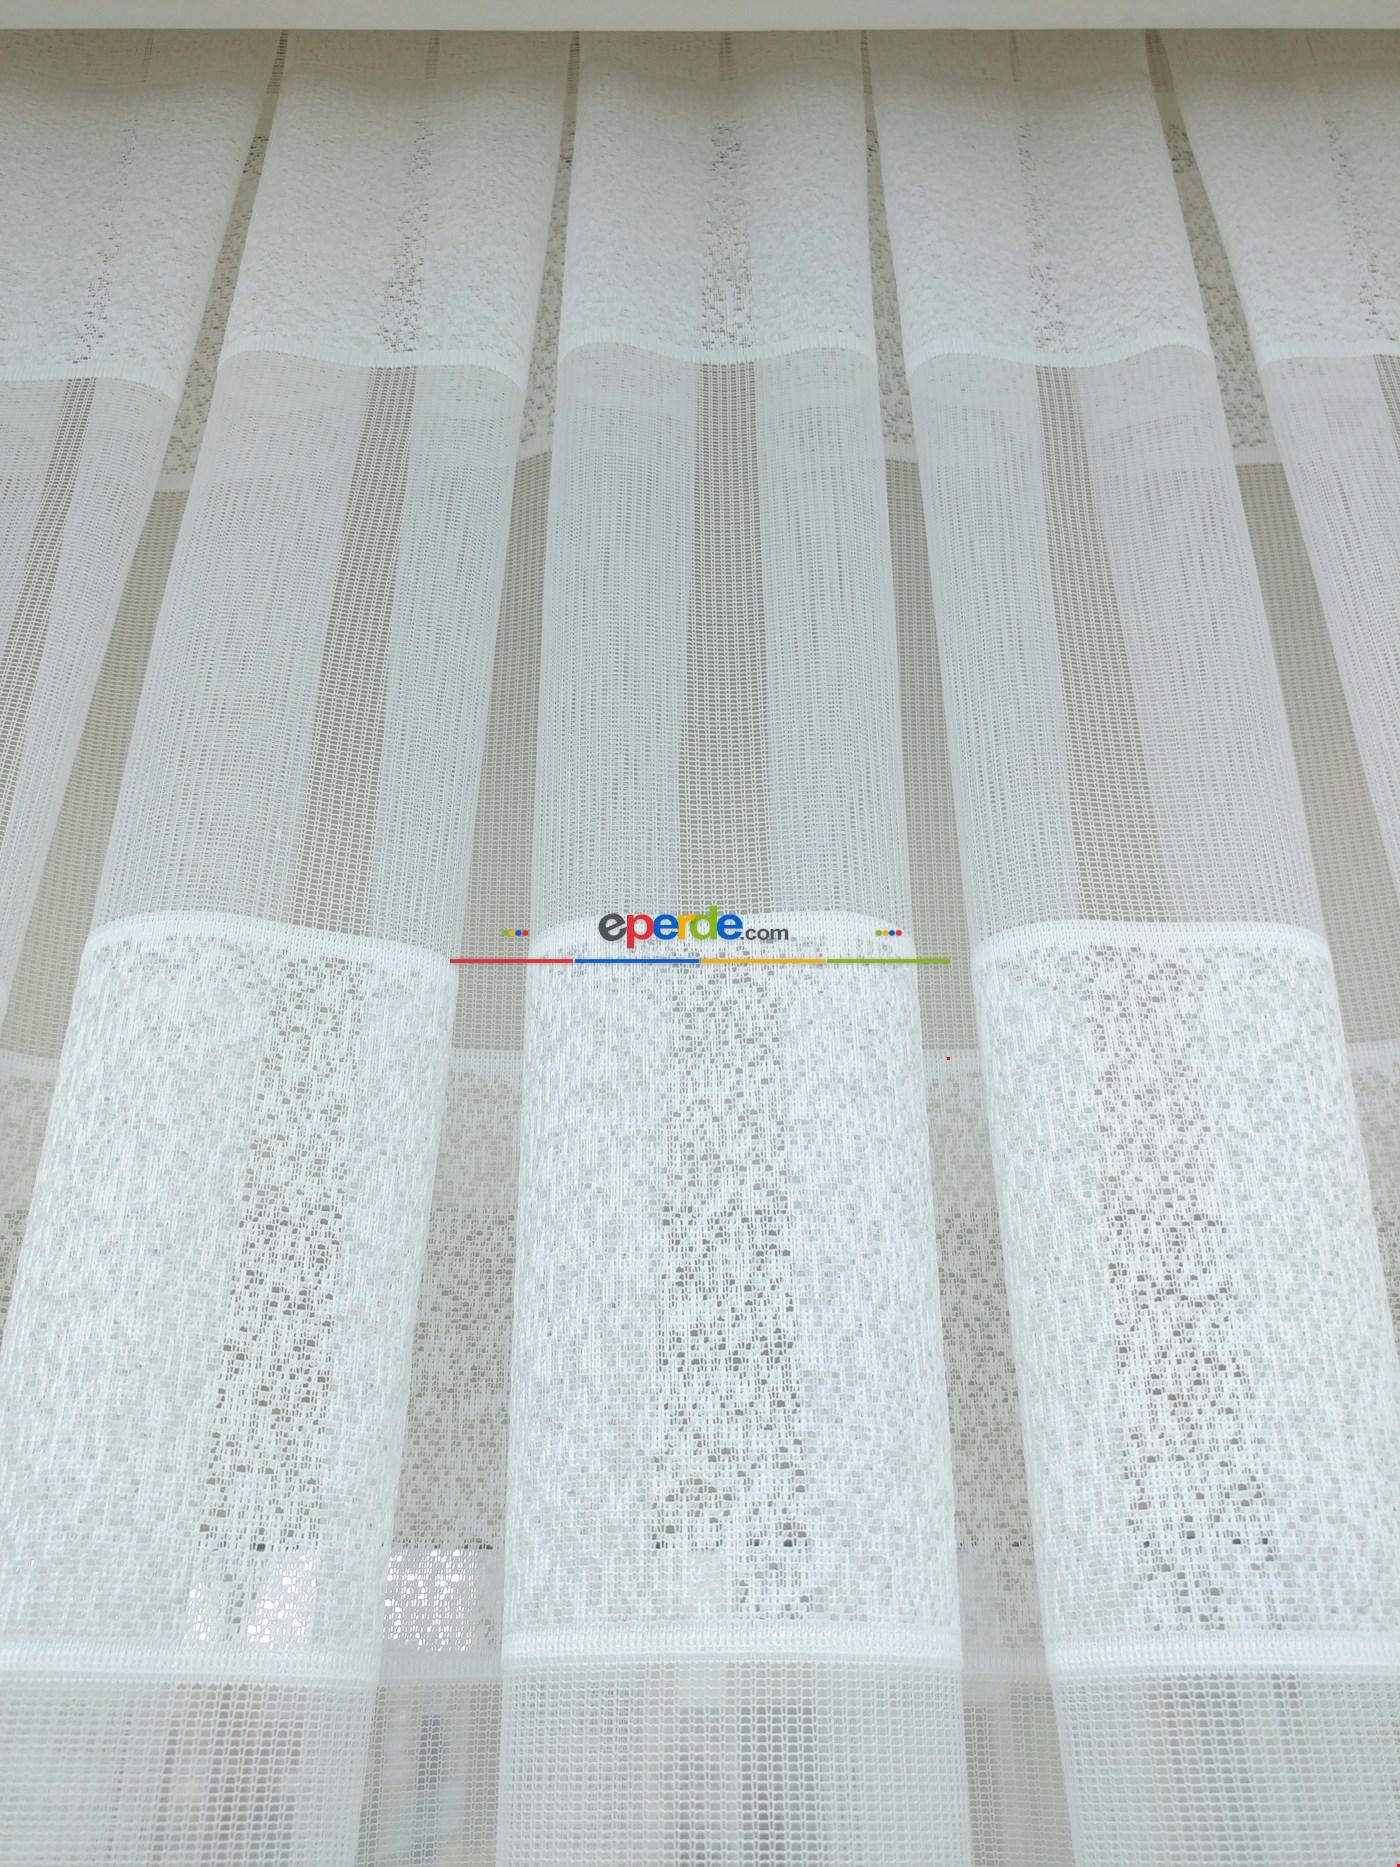 Beyaz Dantel Örme Düz Model Bantlı Tül Perde